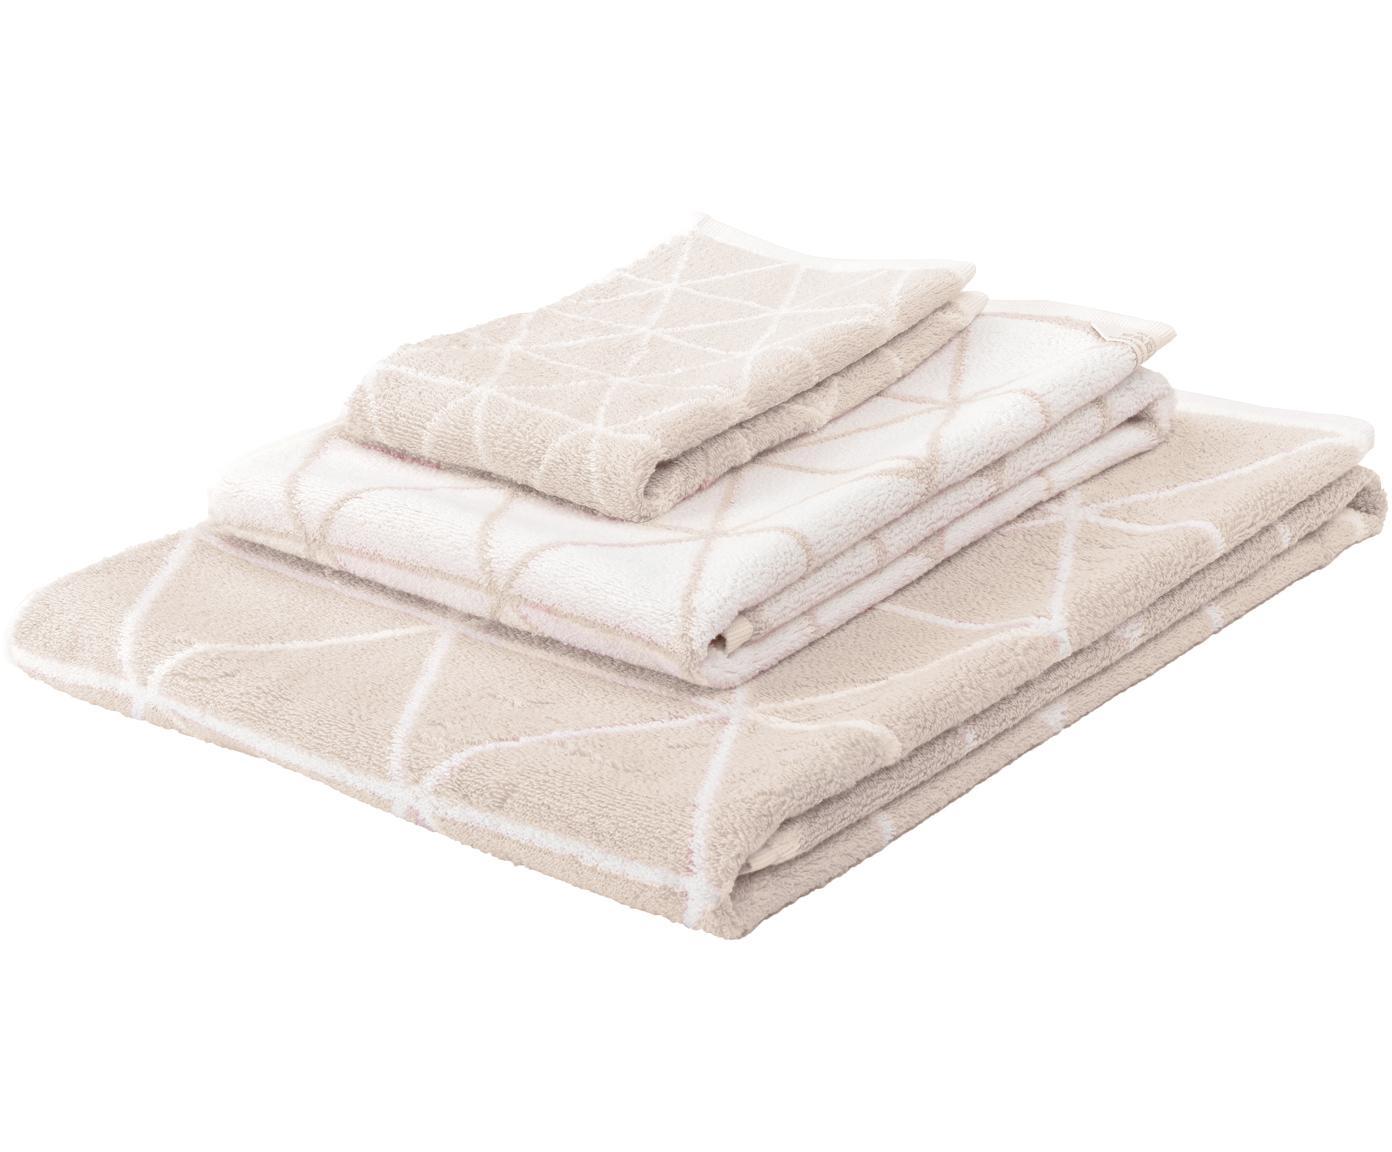 Set de toallas, caras distintas Elina, 3pzas., Color arena, blanco crema, Tamaños diferentes